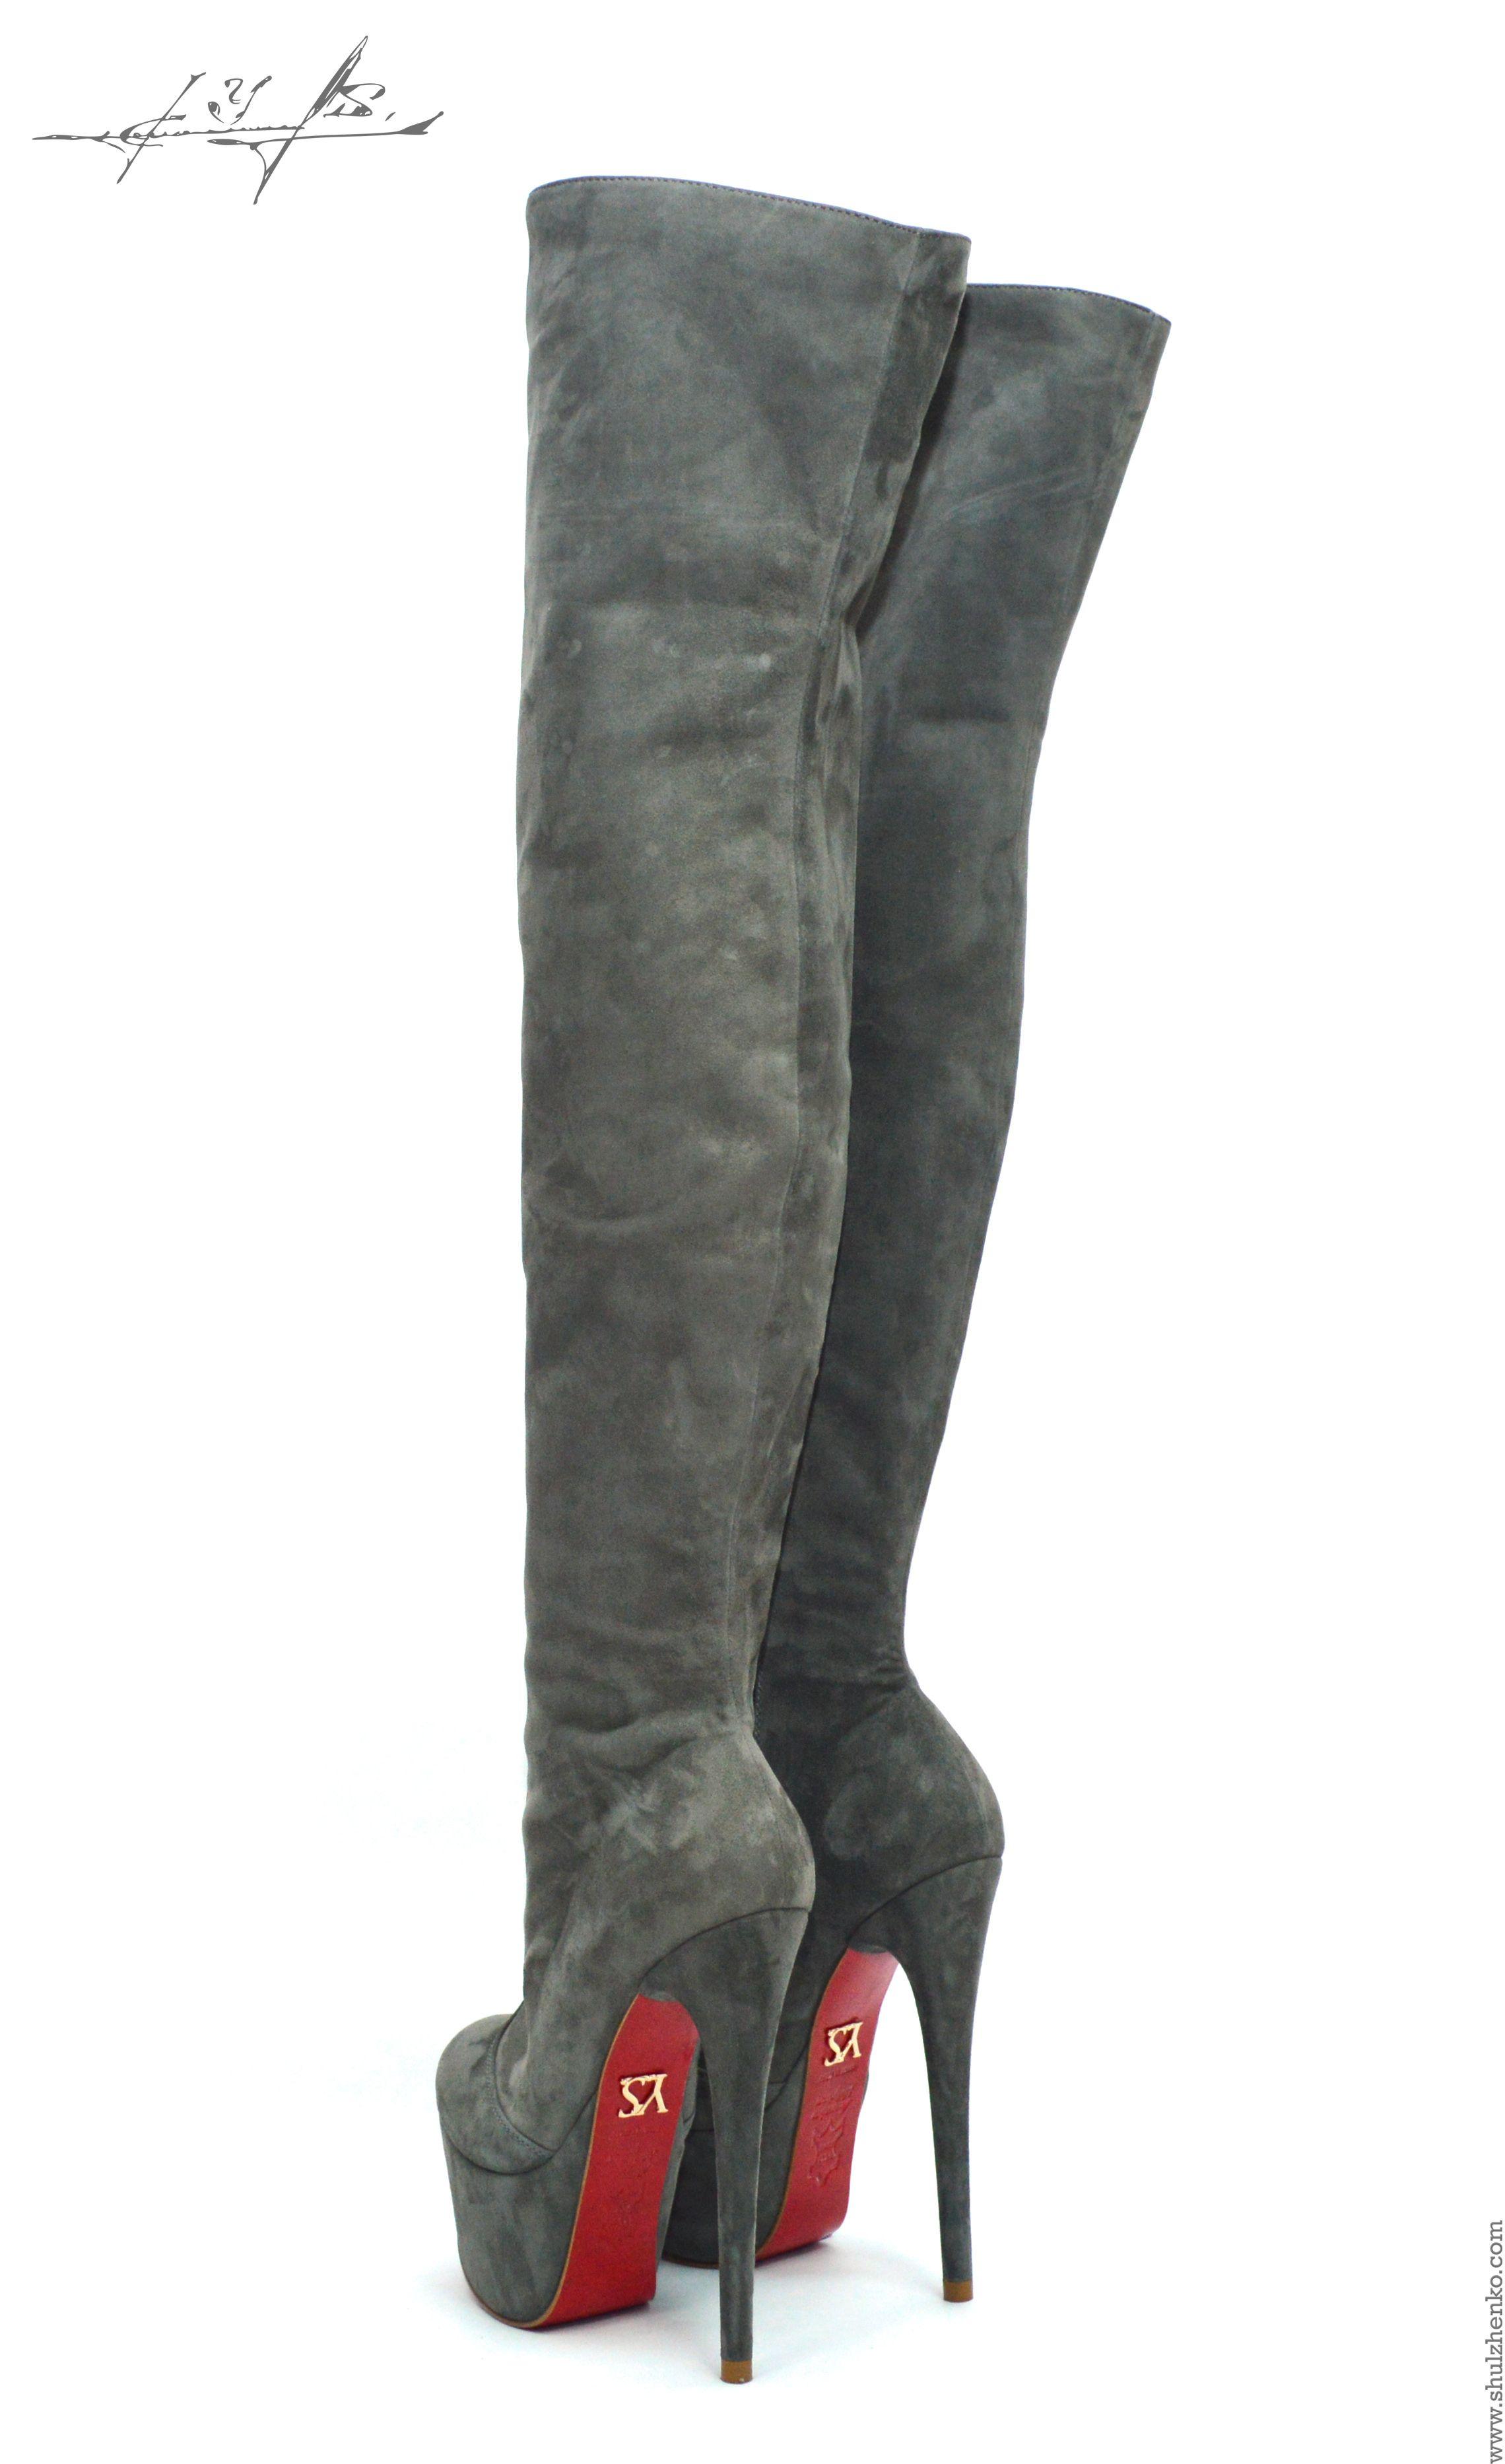 Sexy Lace Femmes Long Bottes hiver Place talon haut Cuissardes Bottes Scrub femme Bottes Taille 34-43,noir,41